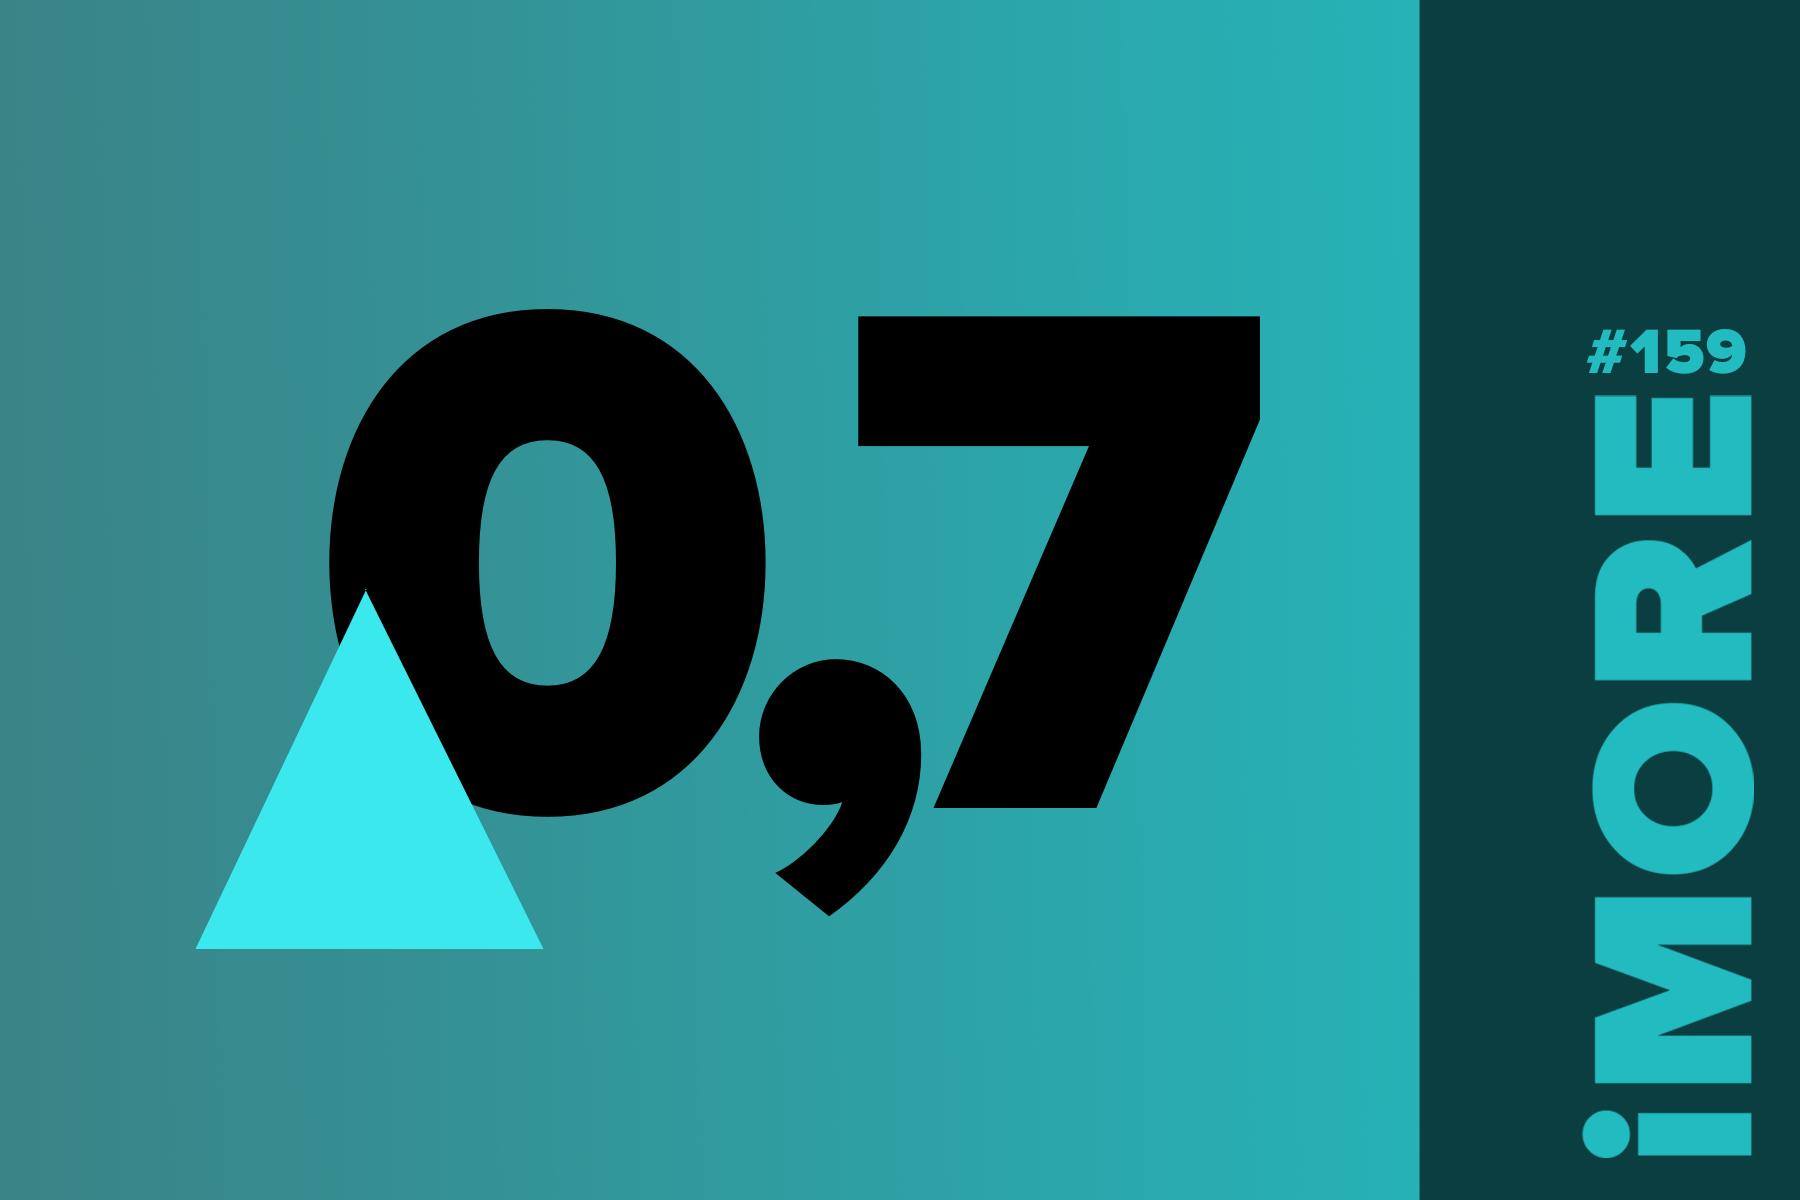 іМоРе №159: Пересчет валютных кредитов и новые наборы открытых данных